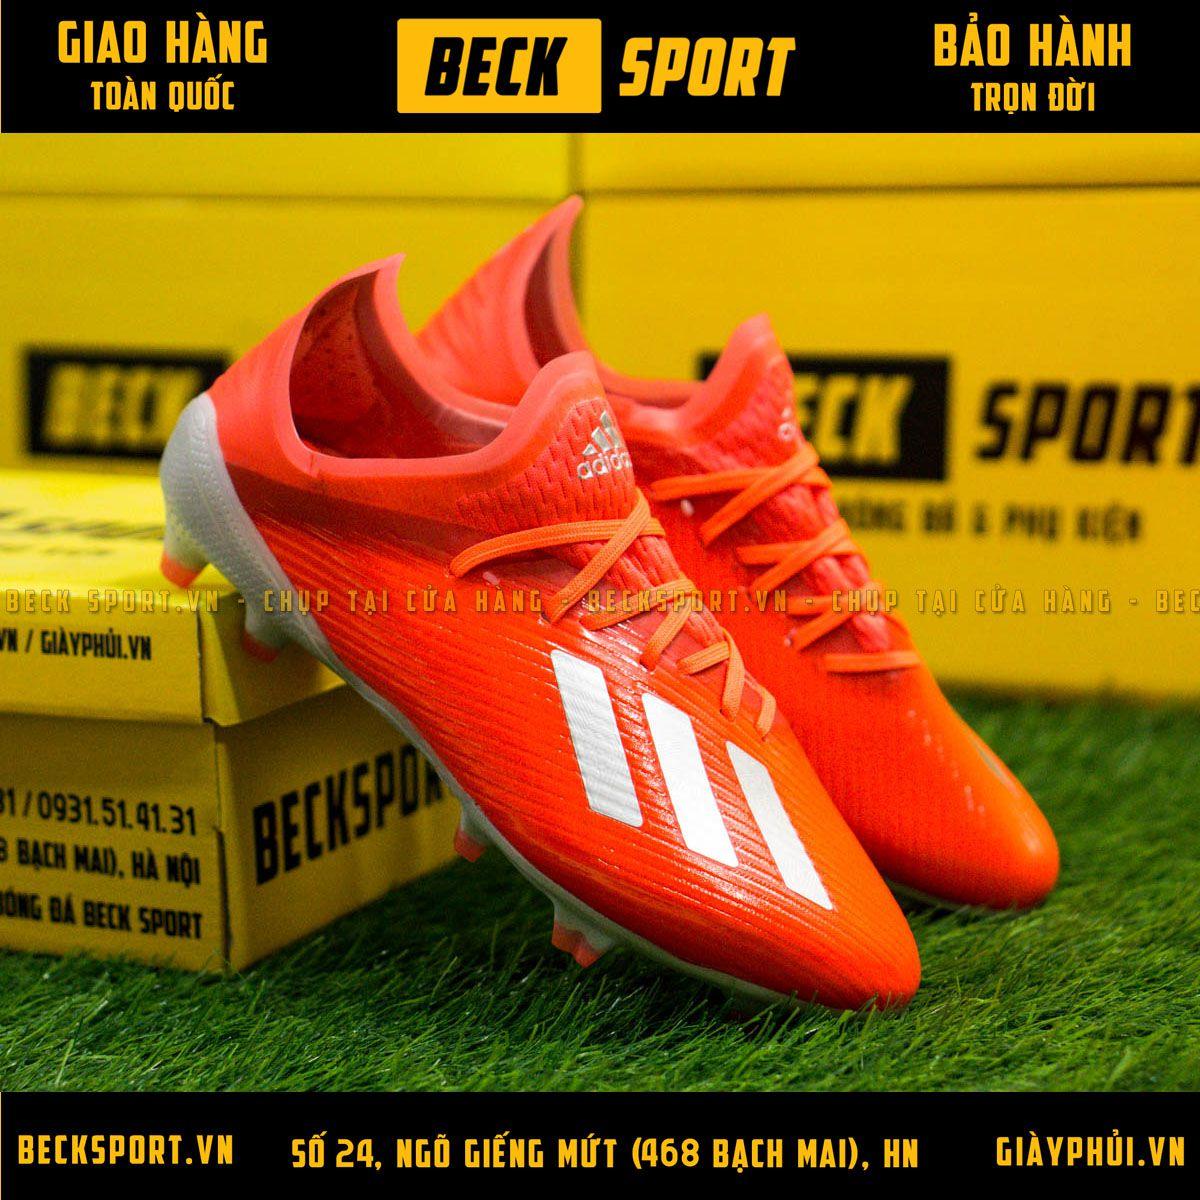 Giày Bóng Đá Trẻ Em Adidas X 19.1 Đỏ Vạch Bạc Đế Bạc FG